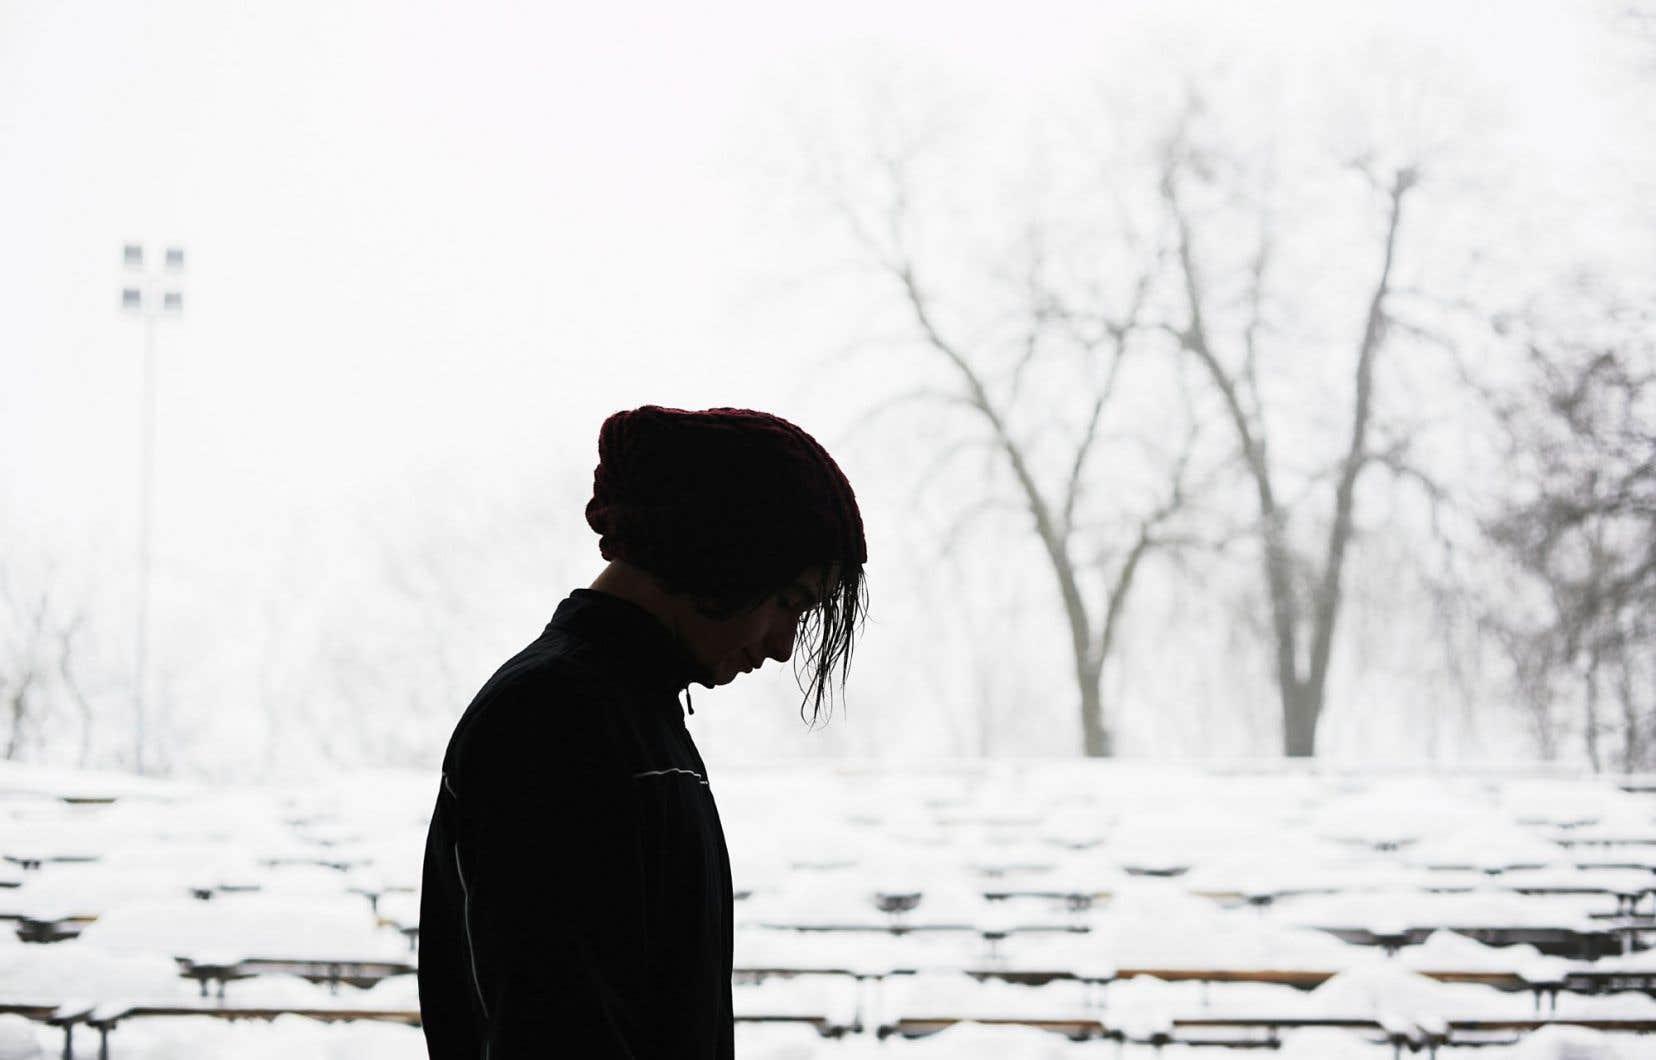 L'hiver est une saison intellectuelle. On y pense le monde.